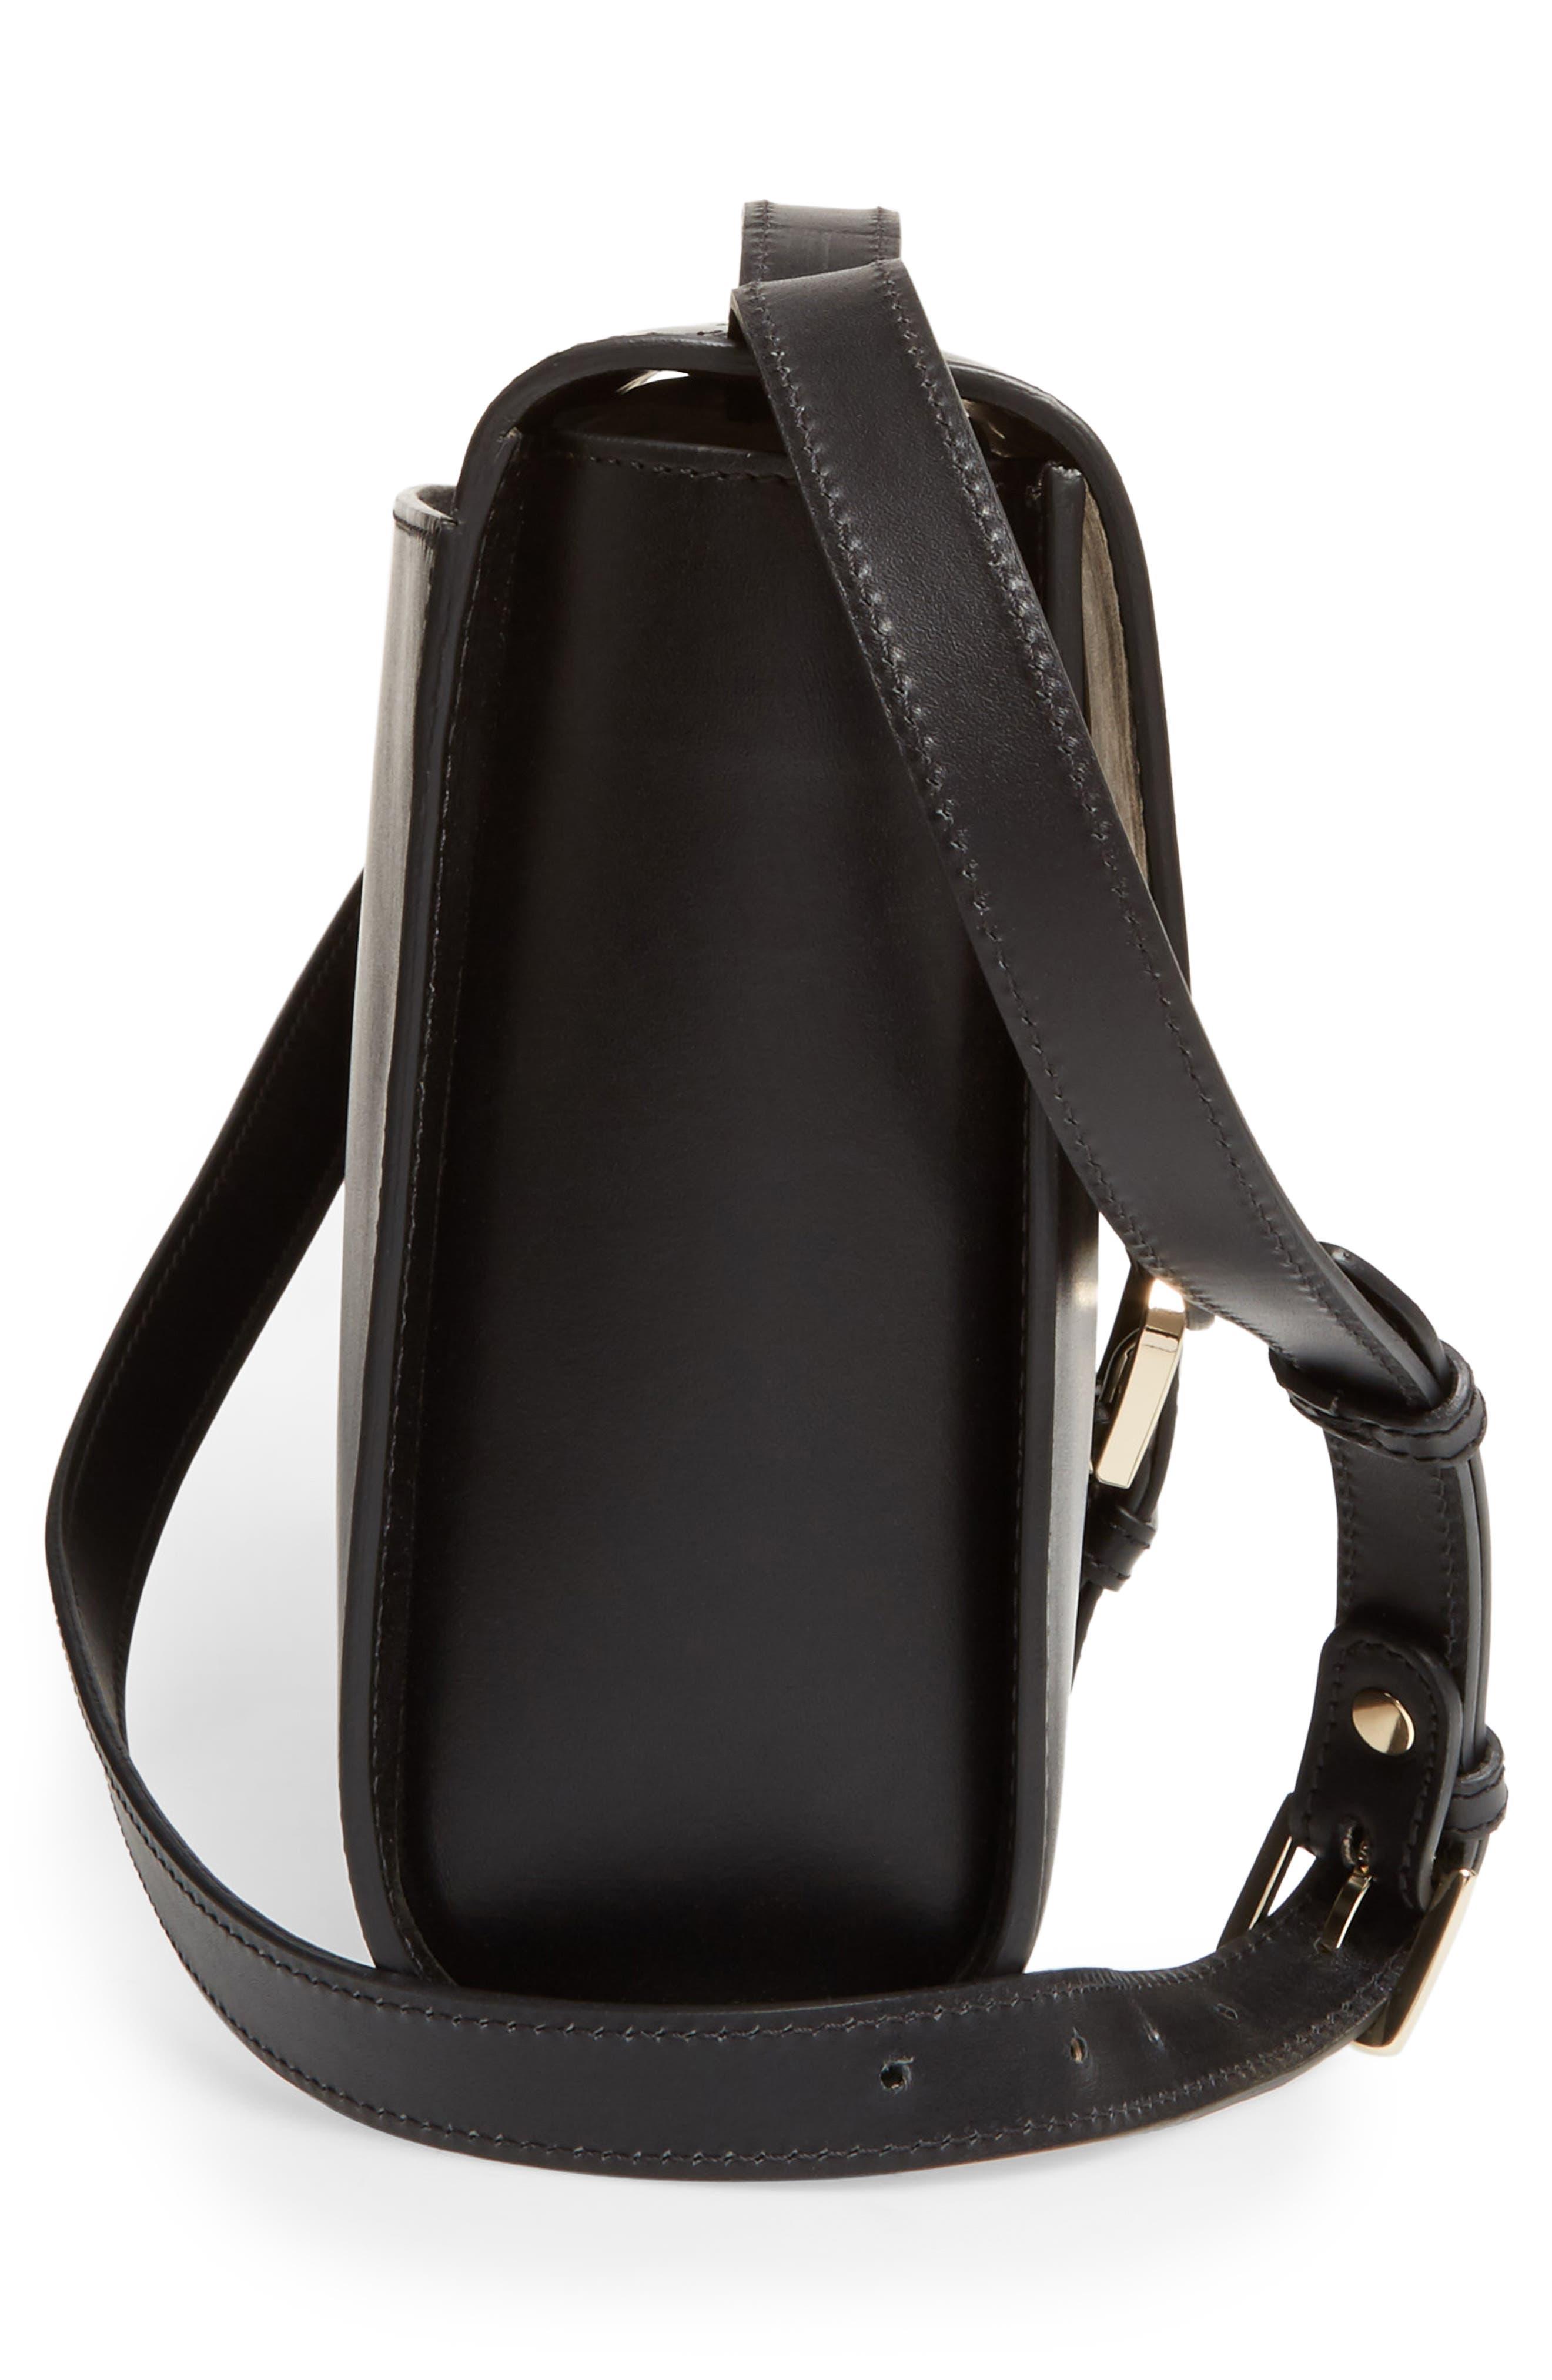 Katy Calfskin Leather Messenger Bag,                             Alternate thumbnail 4, color,                             Noir